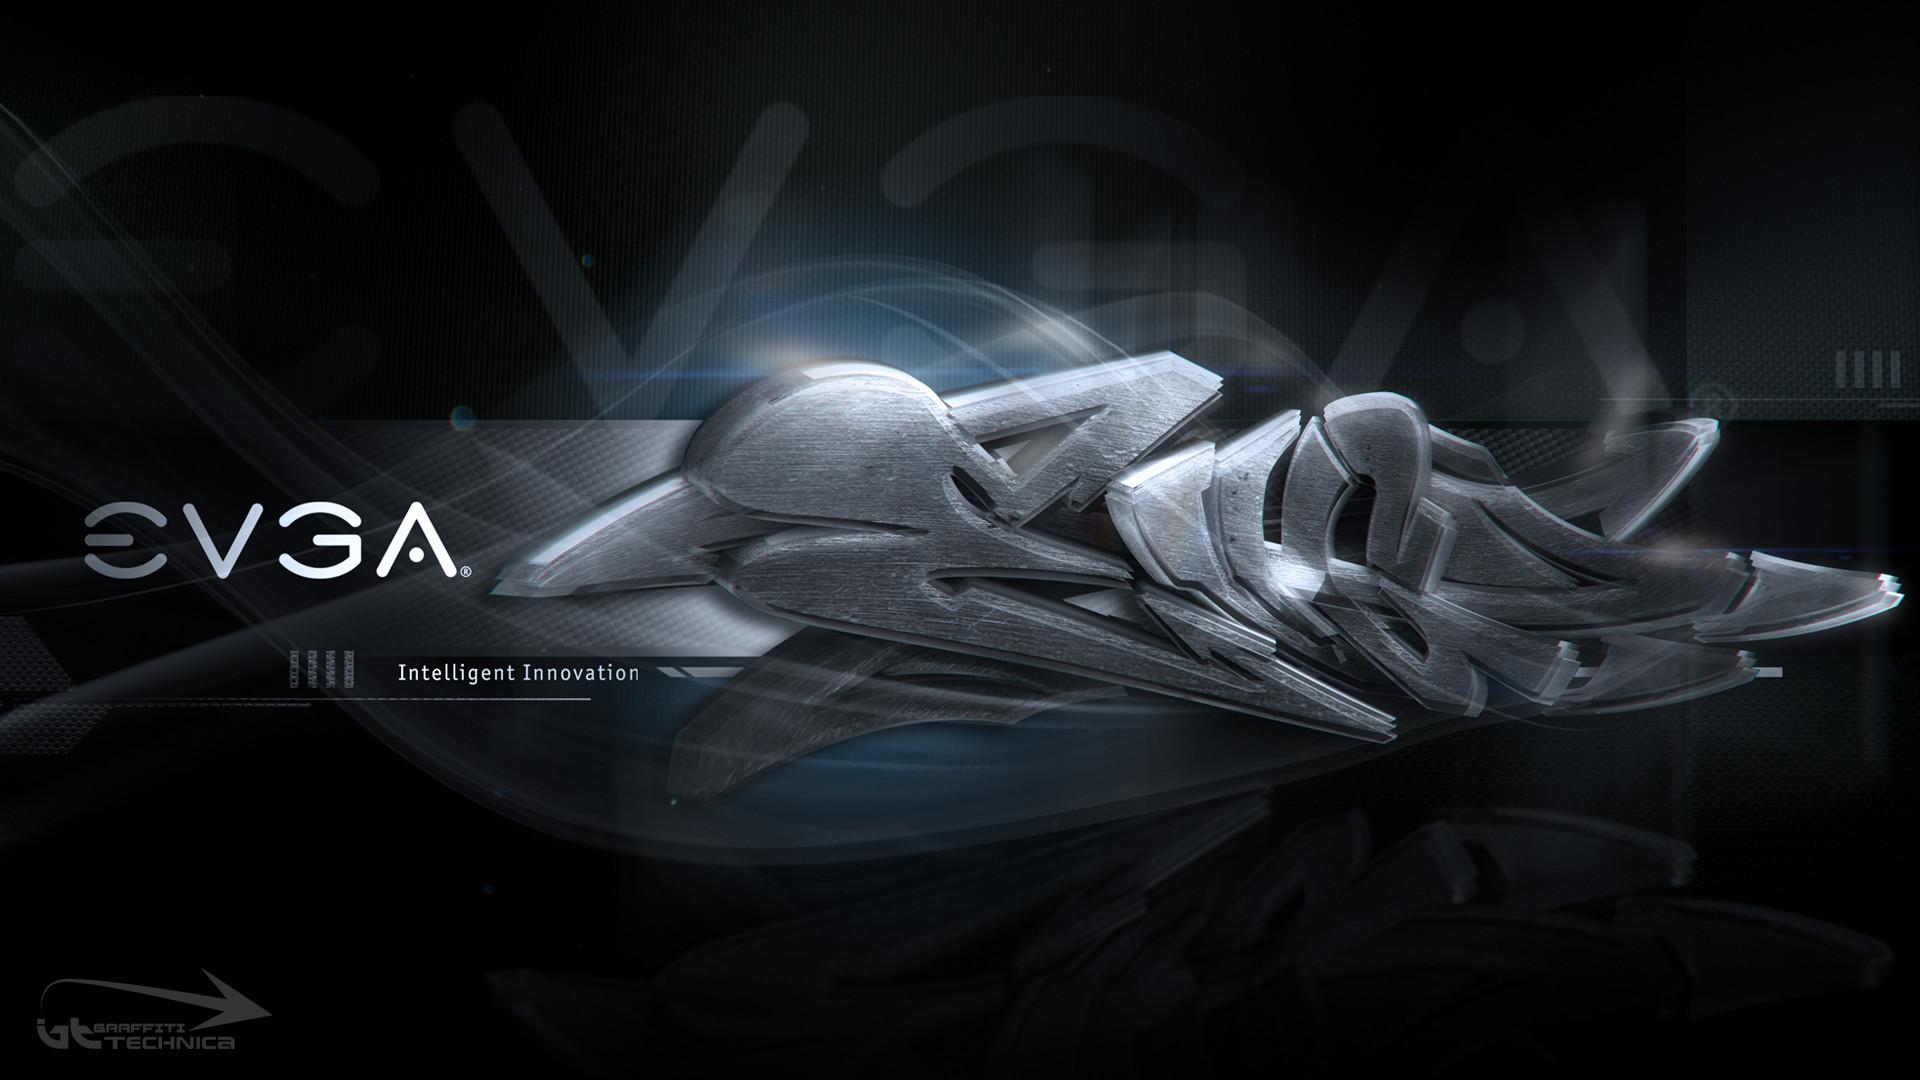 <b>NVIDIA Wallpaper HD</b> – WallpaperSafari